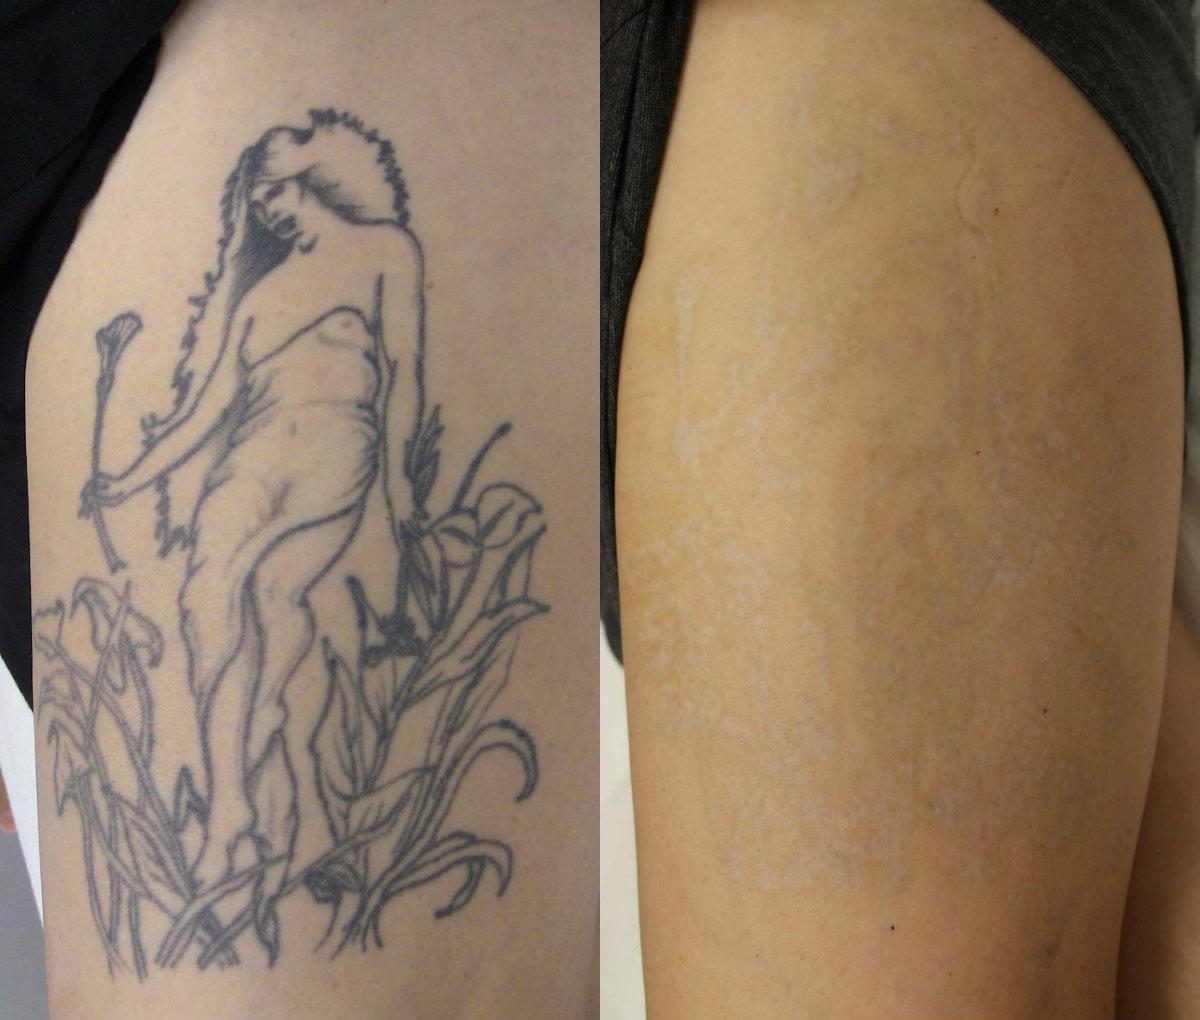 Eliminación de tatuajes.